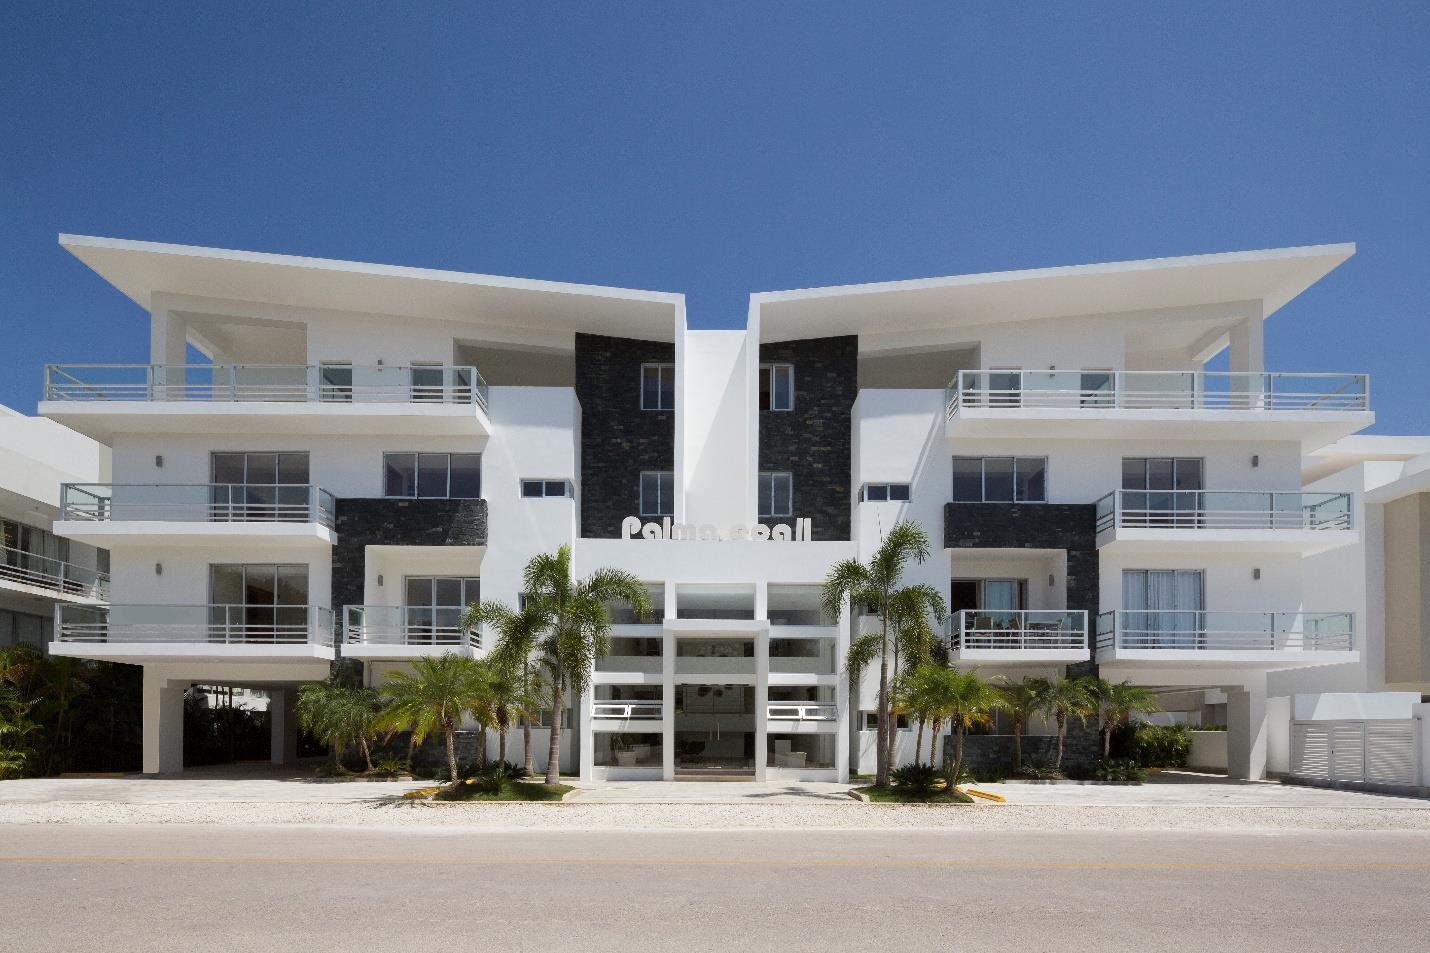 New 2-bedroom condo in Punta Cana Village Palmareca (PB2-PCV)